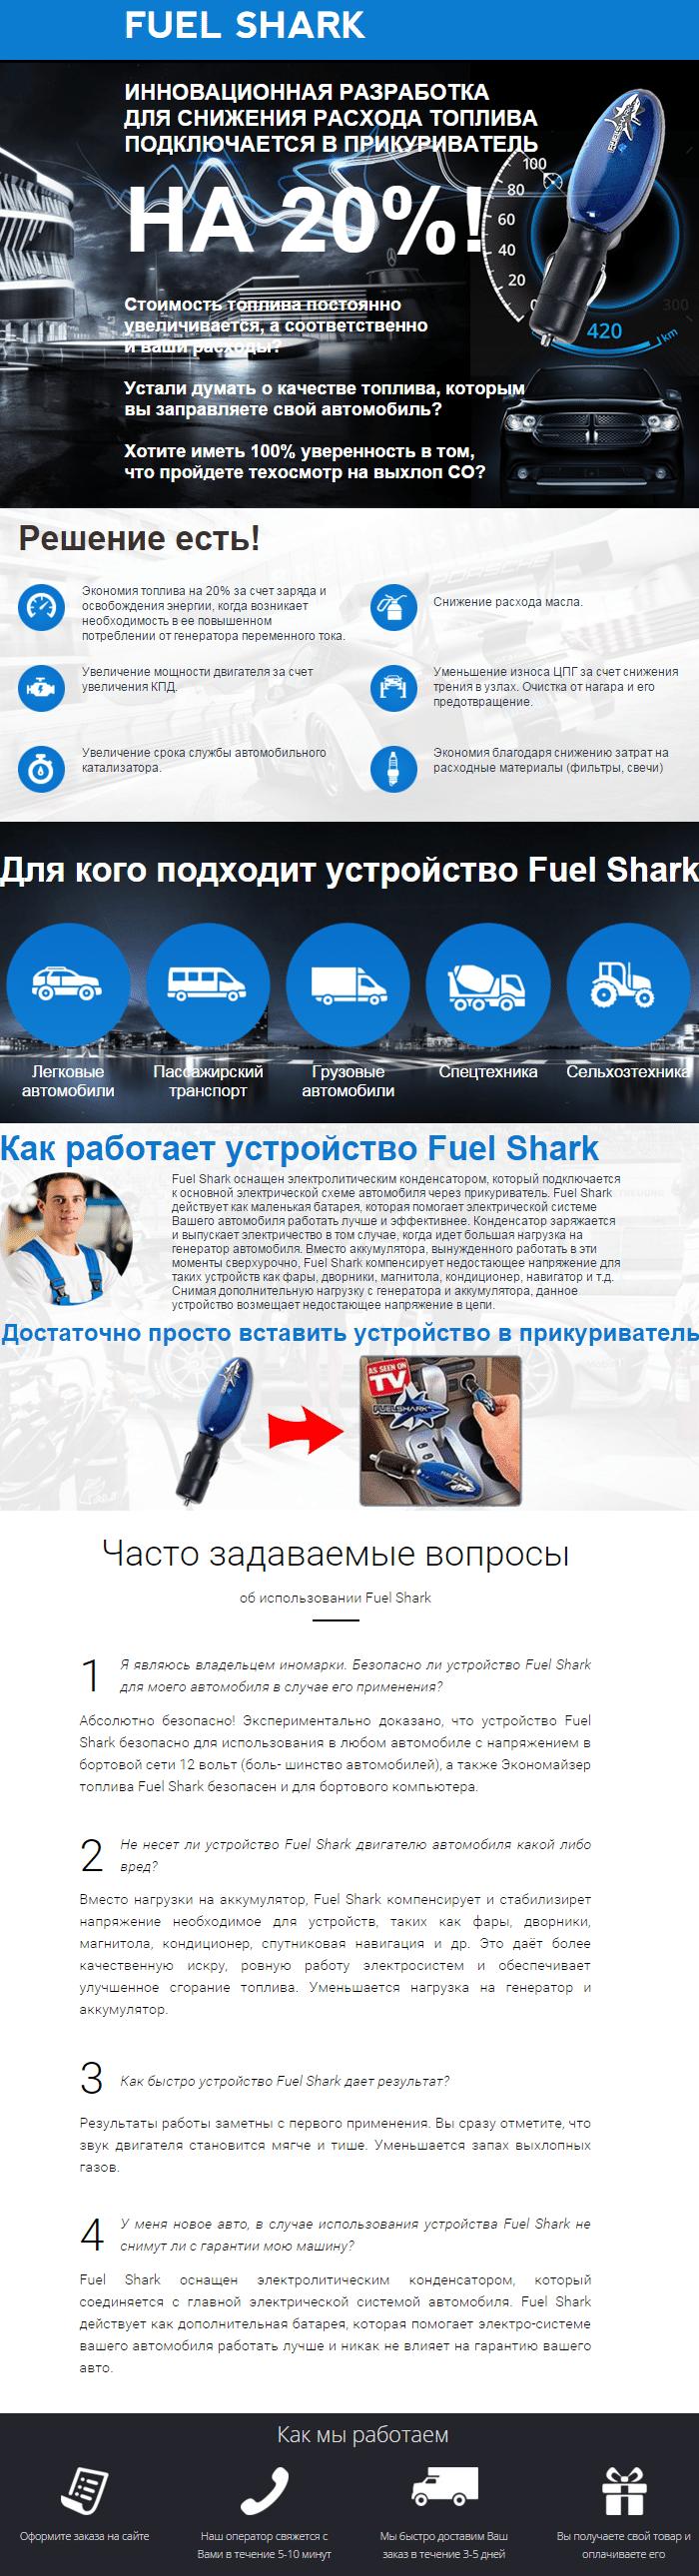 Fuel Shark купить